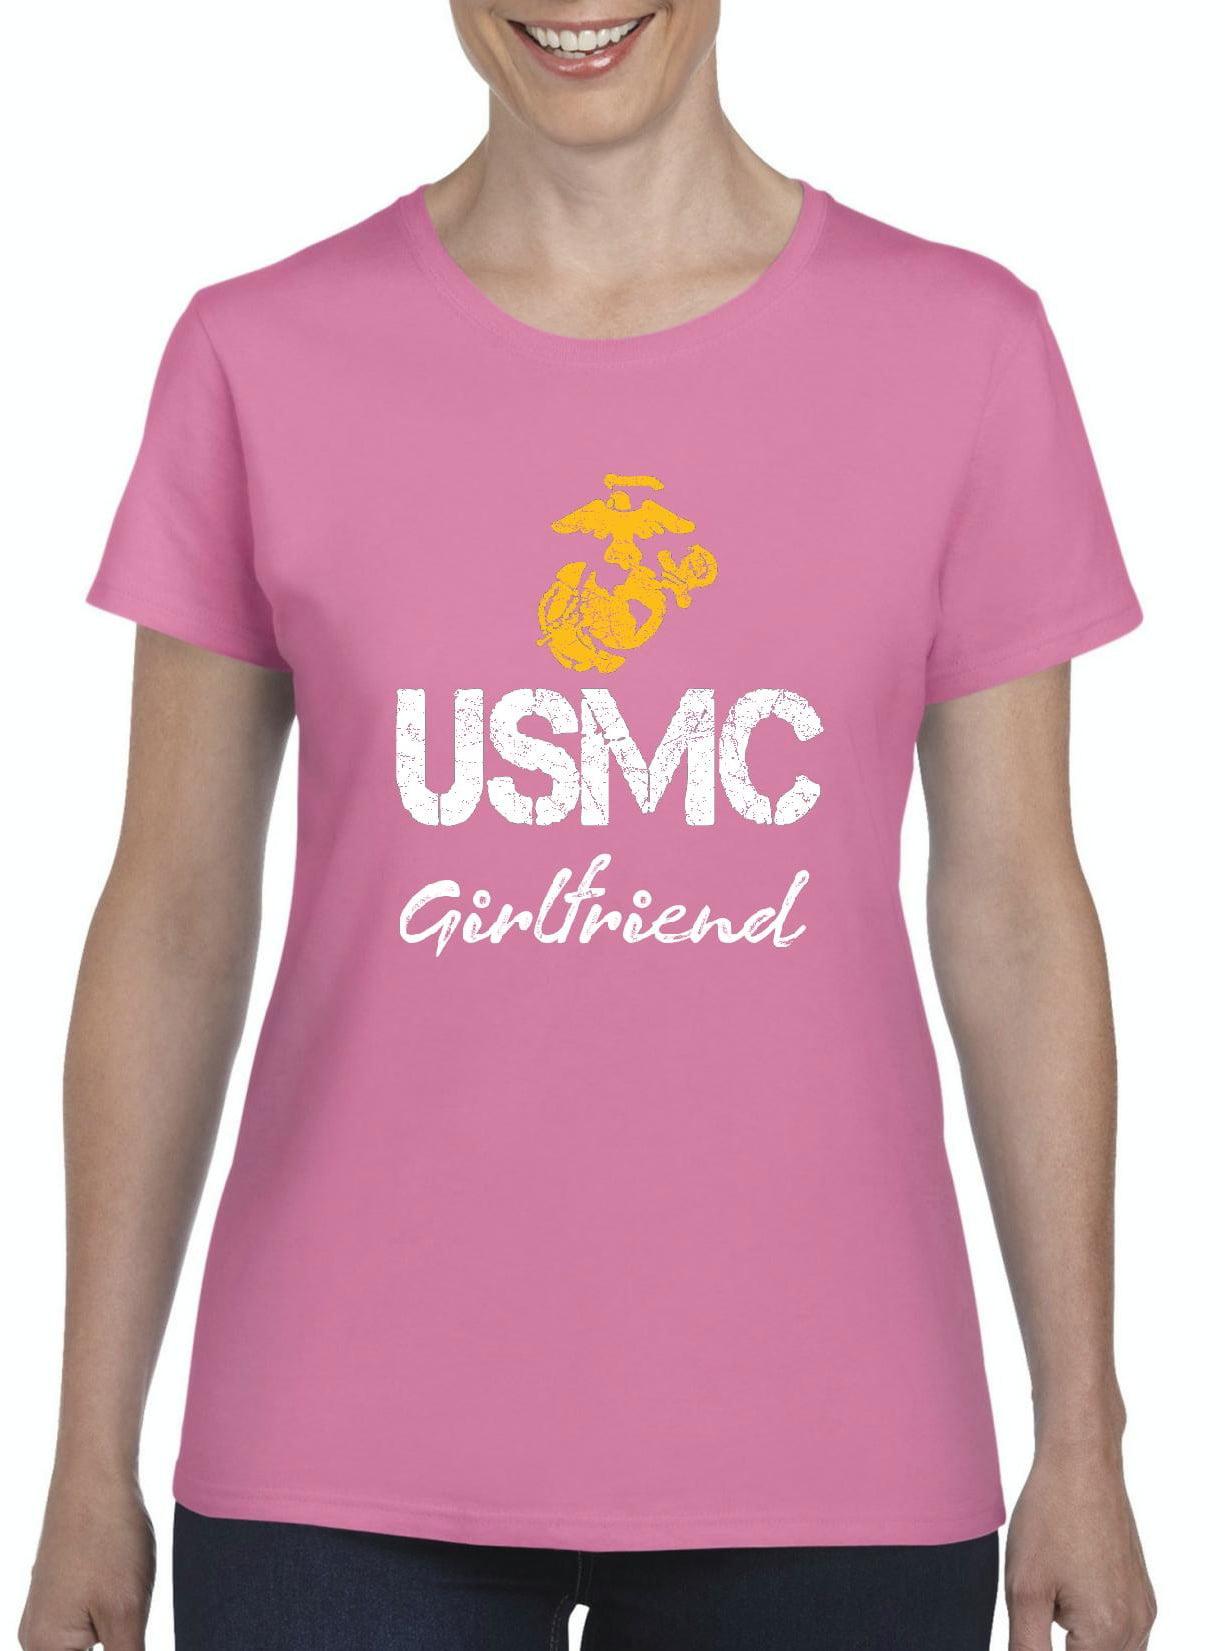 ea2fc53b Artix - T-Shirt USMC Girlfriend Proud U.S. Marines Fight to Win ...